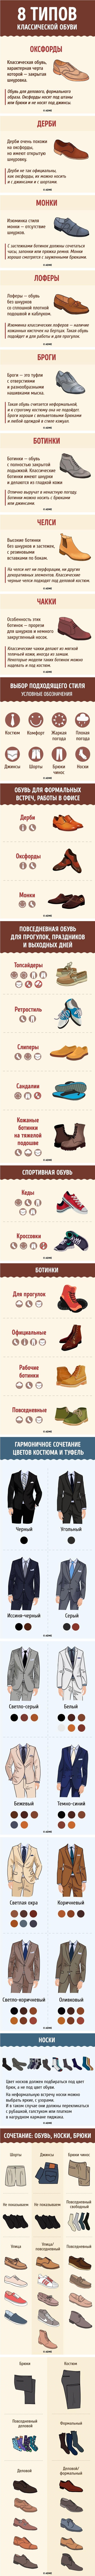 Полный гид по обуви для мужчин Adme, Стиль, Обувь, Длиннопост